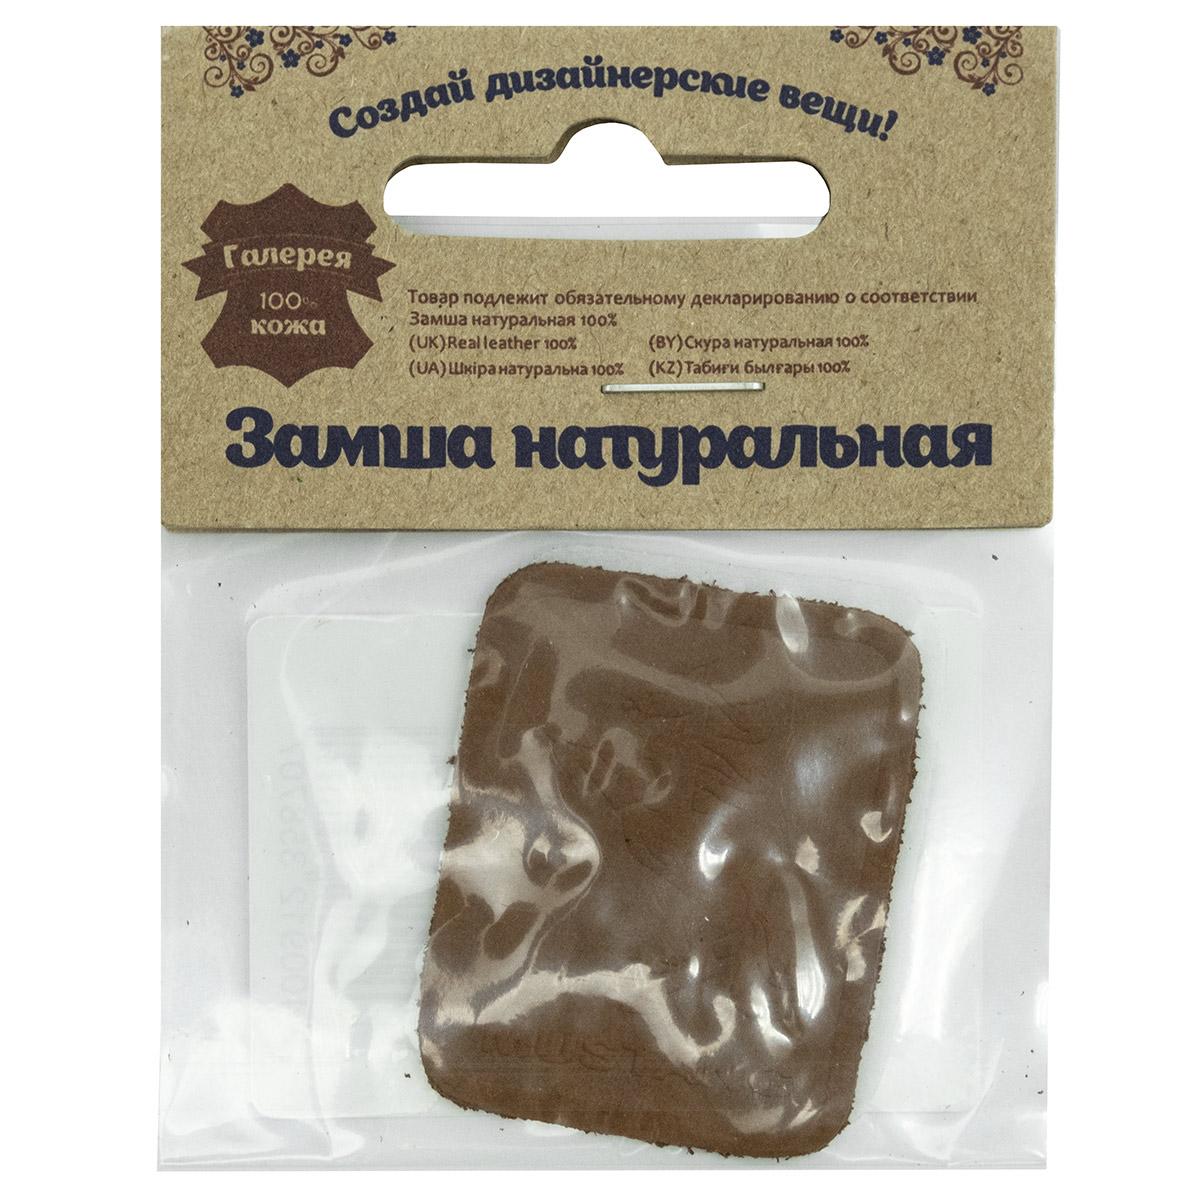 5004 Термоаппликация из замши Mustang 3,5*4,37см, 100% кожа